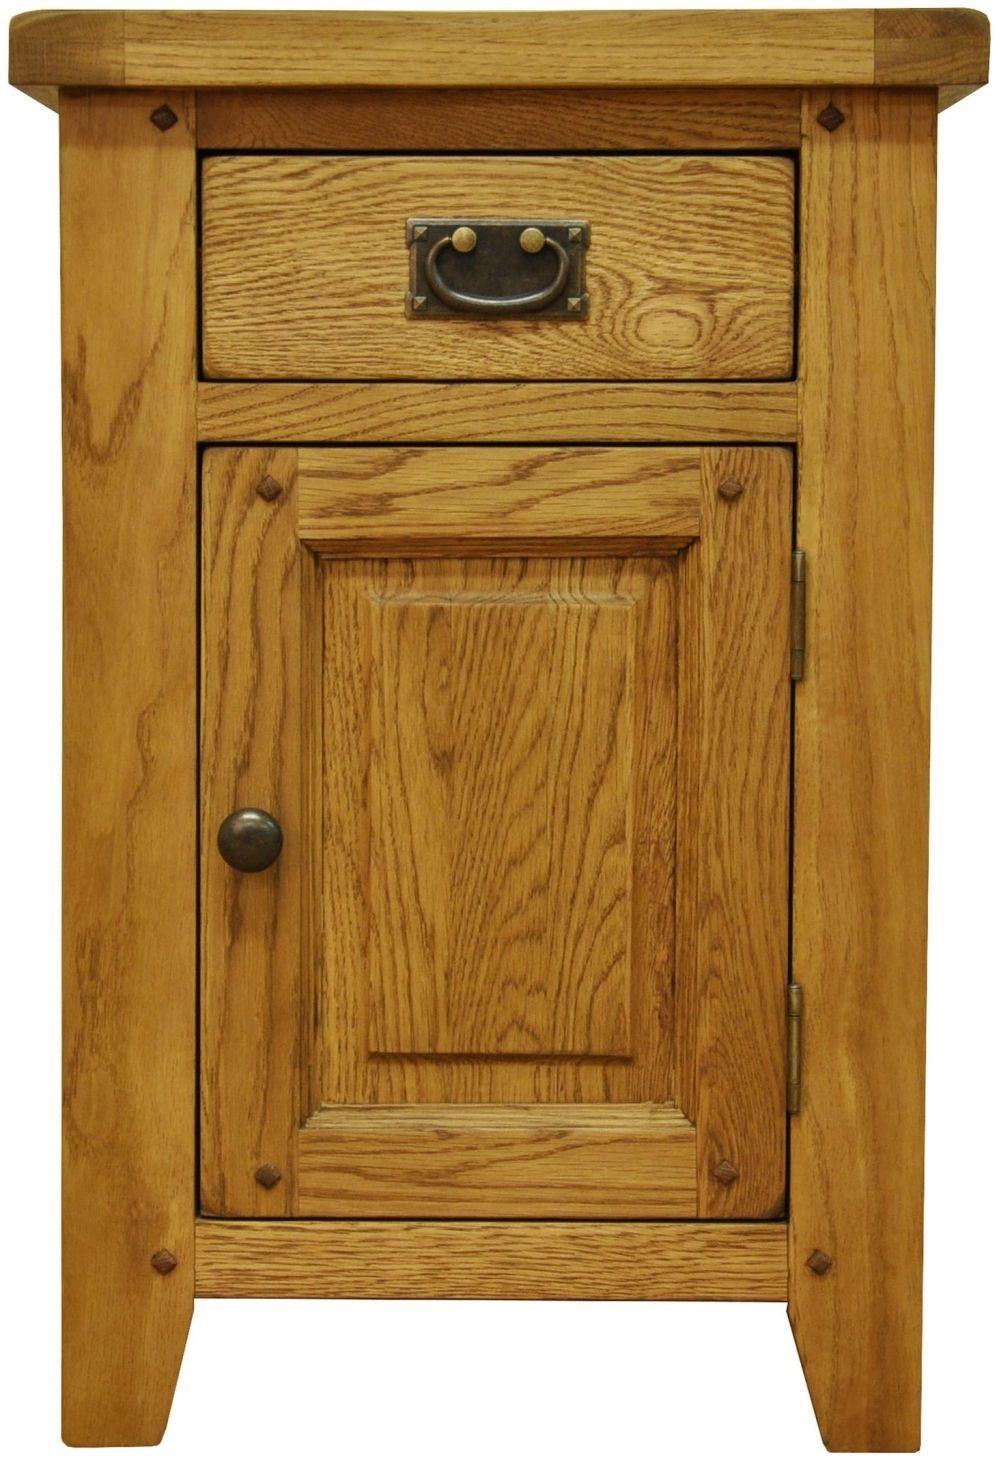 Popular Photo of Small Oak Cupboard